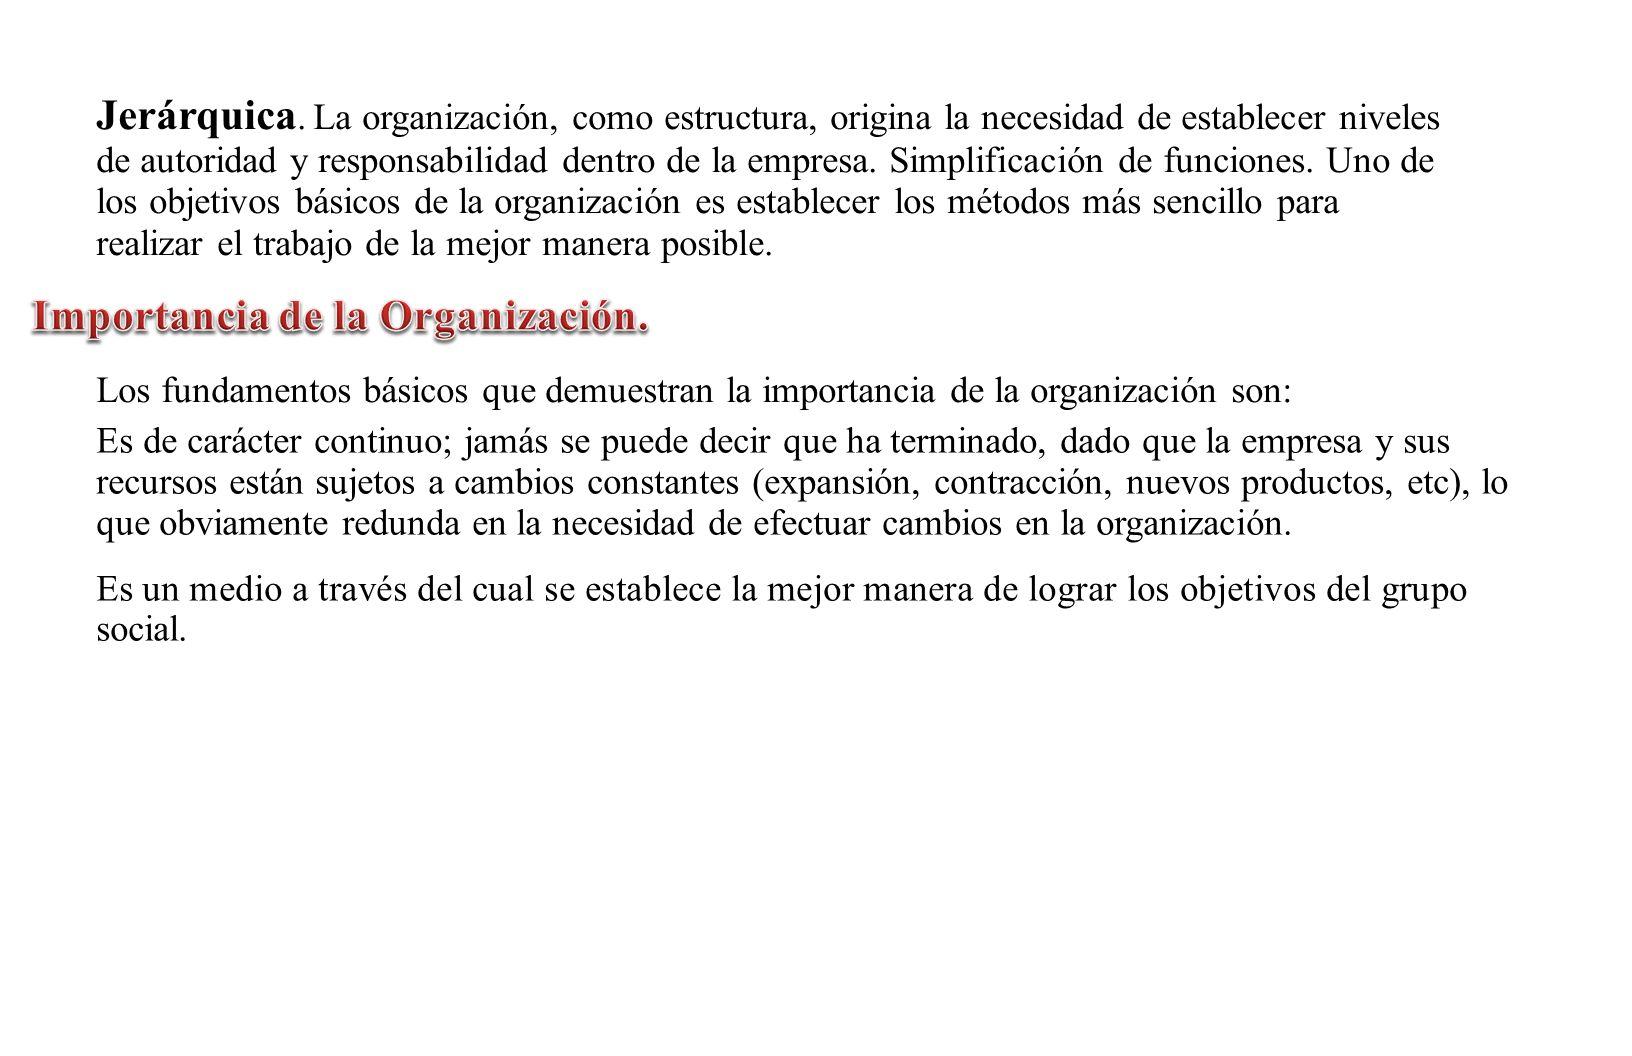 3.Combinar el trabajo de los miembros de la organización de modo lógico y eficiente.